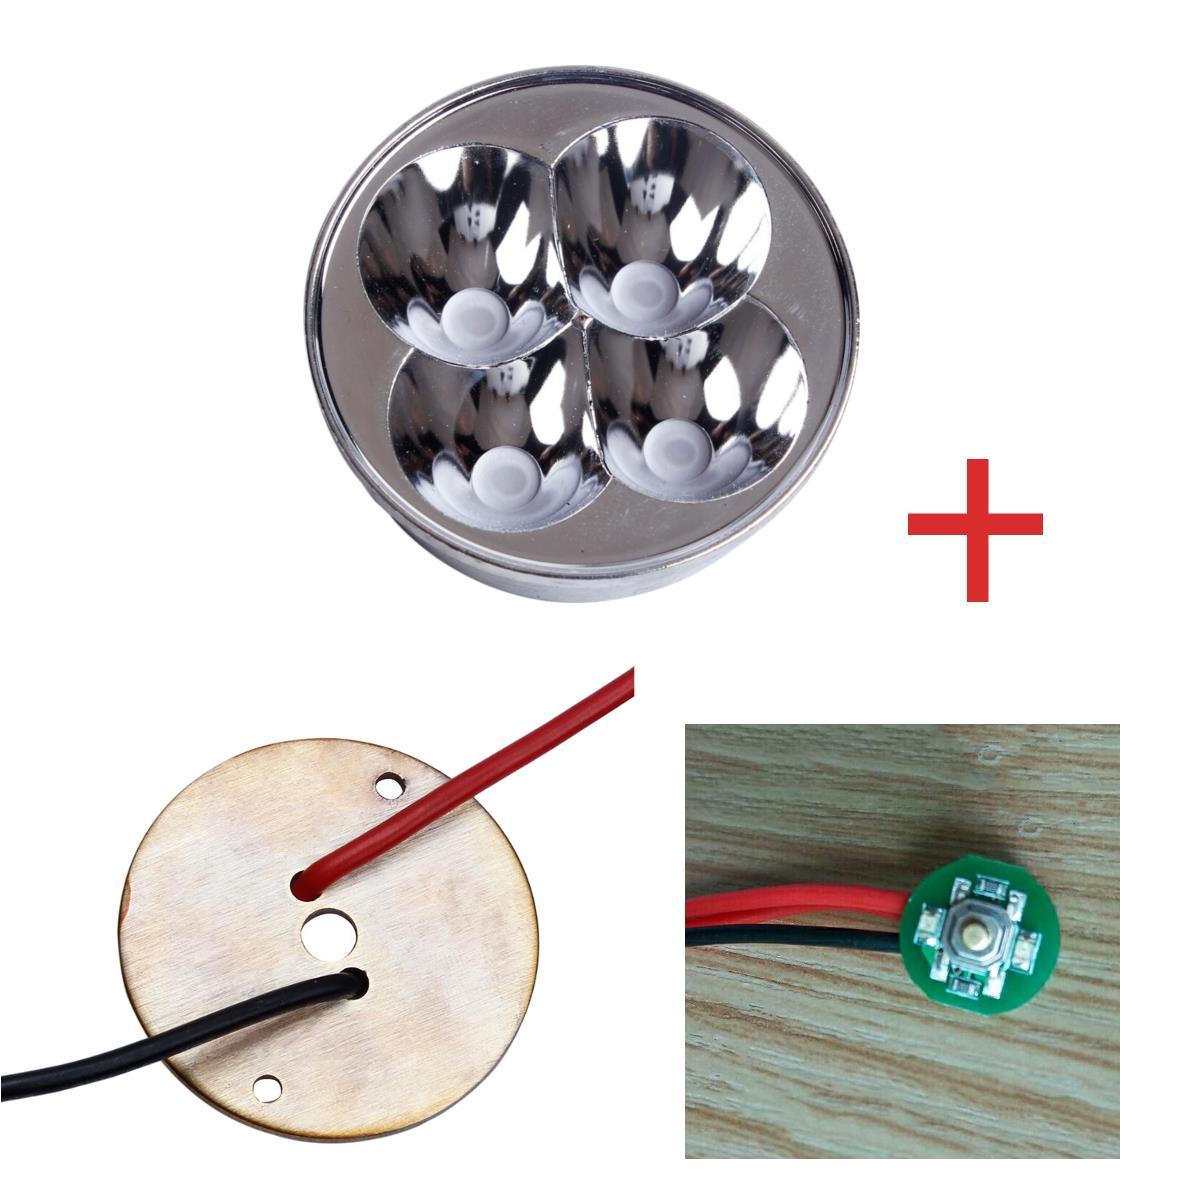 BLF Q8 Conjunto de Acessórios para Lanternas Com Conjunto de Interruptores Iluminados + Cobre DTP MCPCB + Refletor